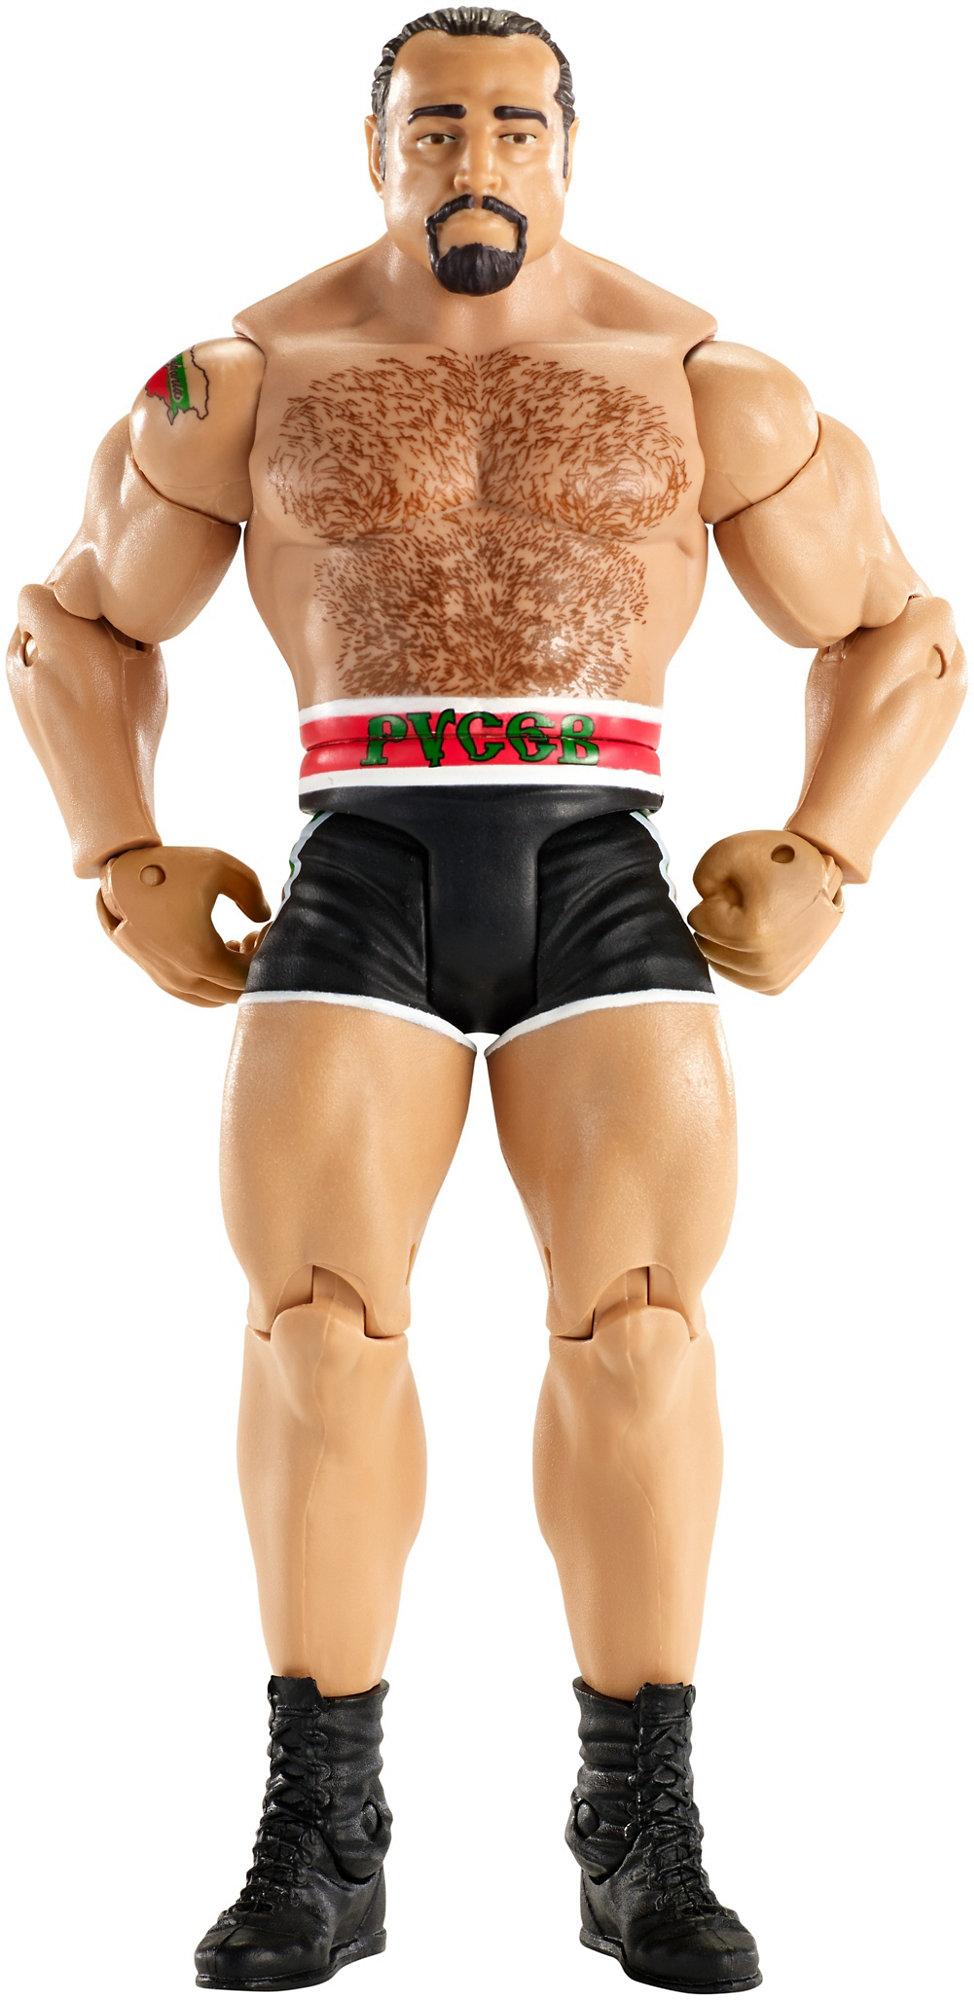 WWE Basic Rusev Figure by Mattel